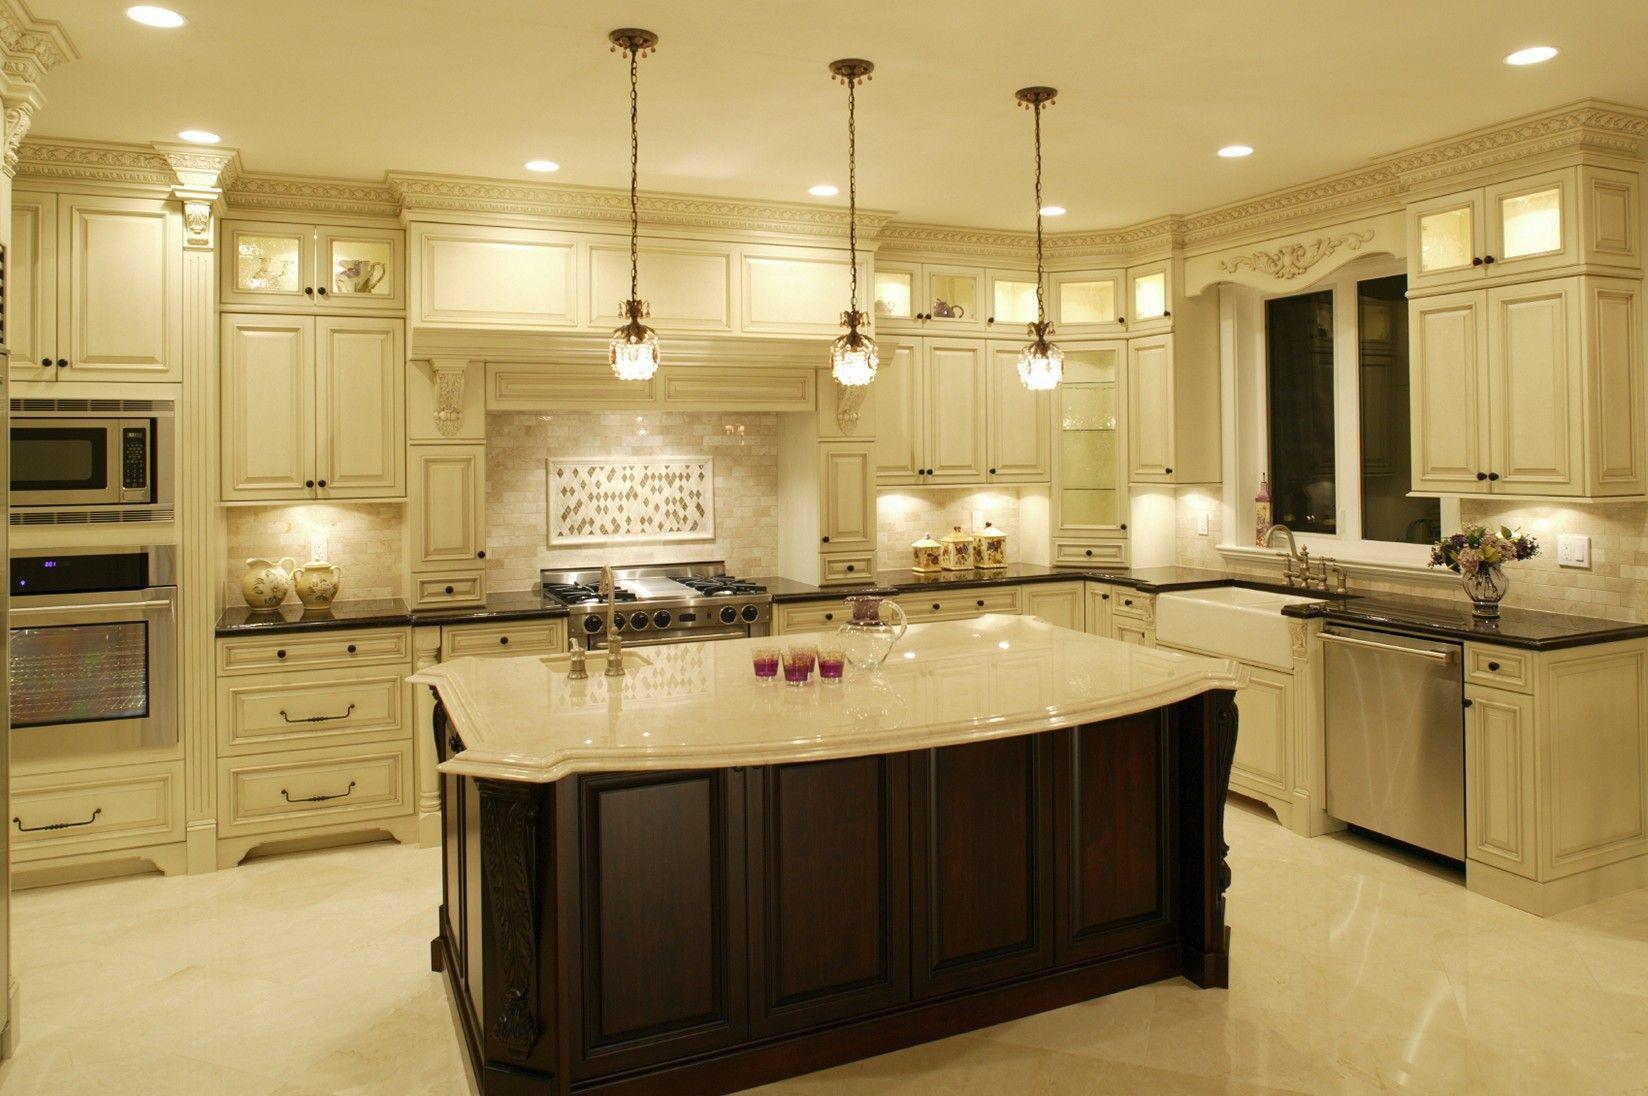 Cream-Kitchen-Cabinets-with-Dark-Island-Ideas | Remodel | Pinterest ...